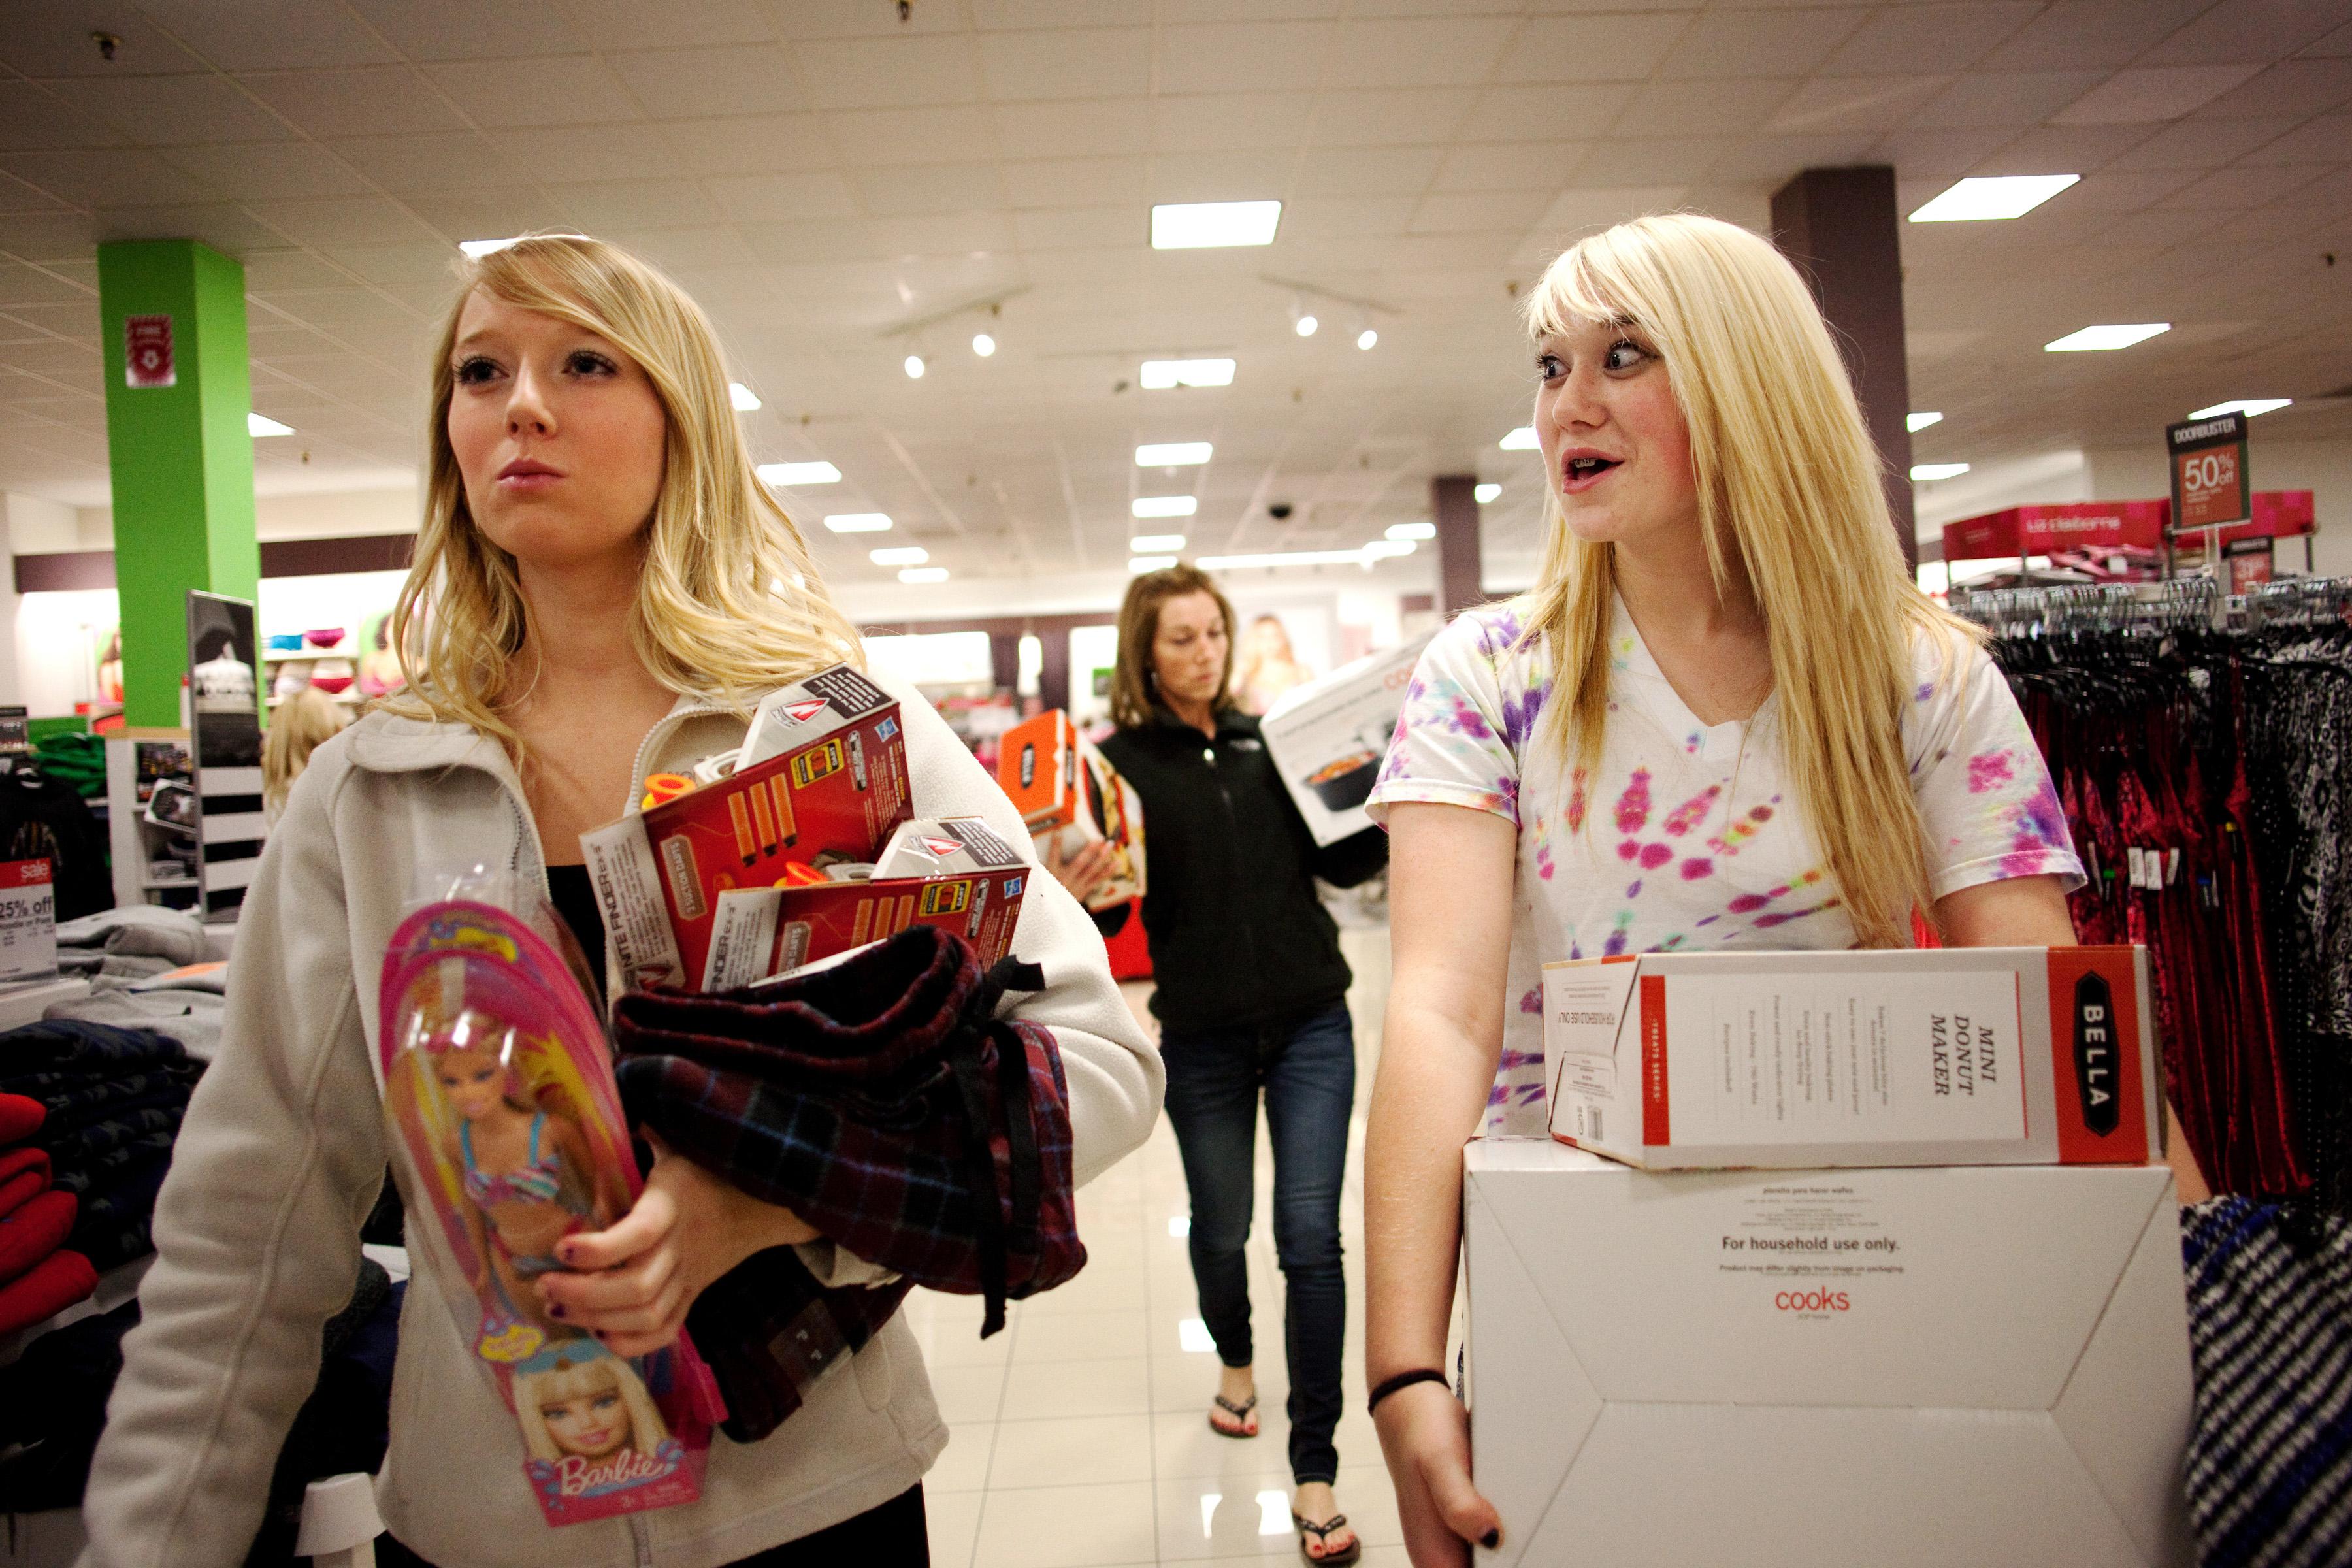 سيدتان في مركز للتسوق